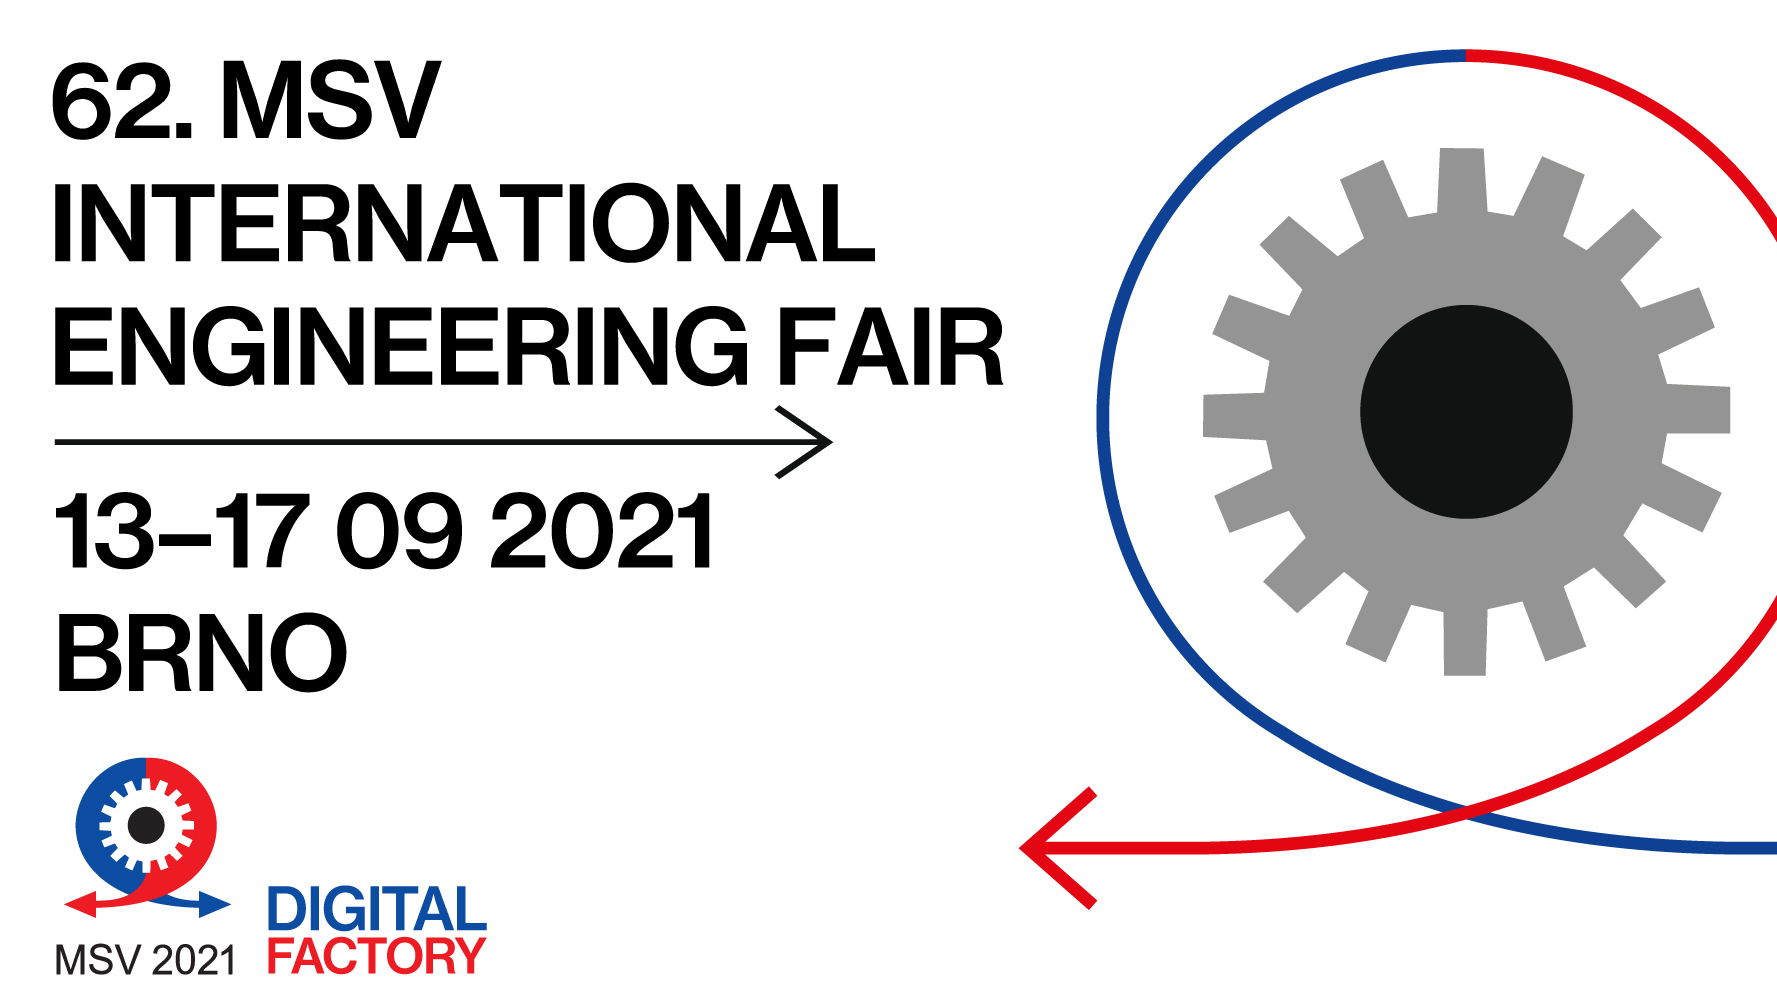 MSV International Engineering Fair logo